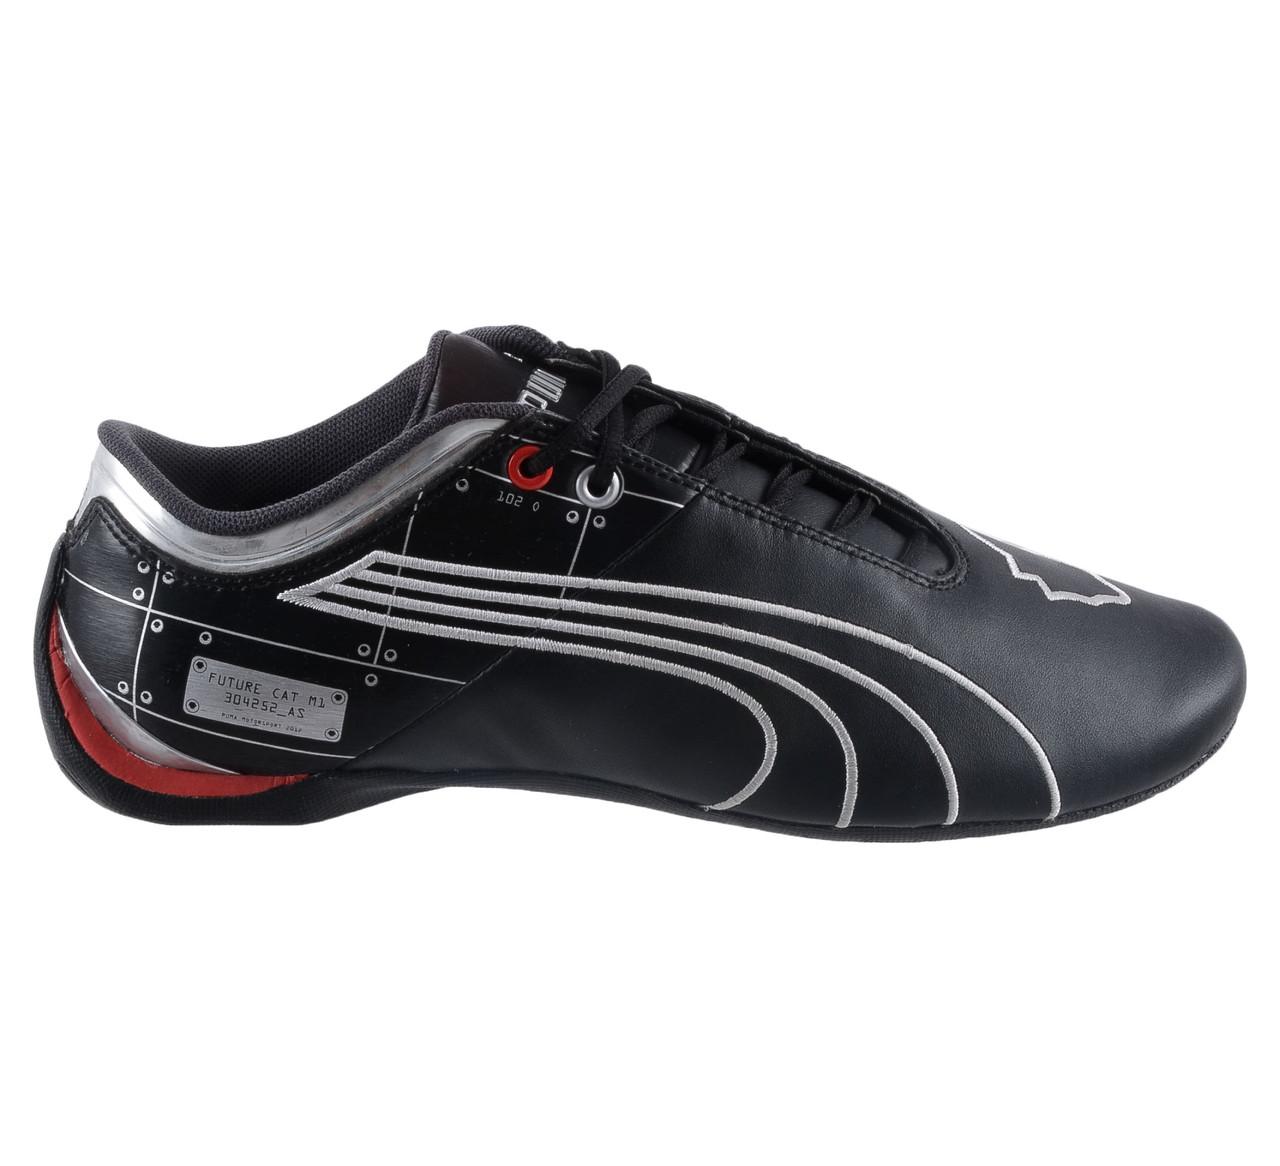 Кроссовки повседневные мужские Puma Future Cat M1 Big 102 O Sneakers Heren 304252 03 пума